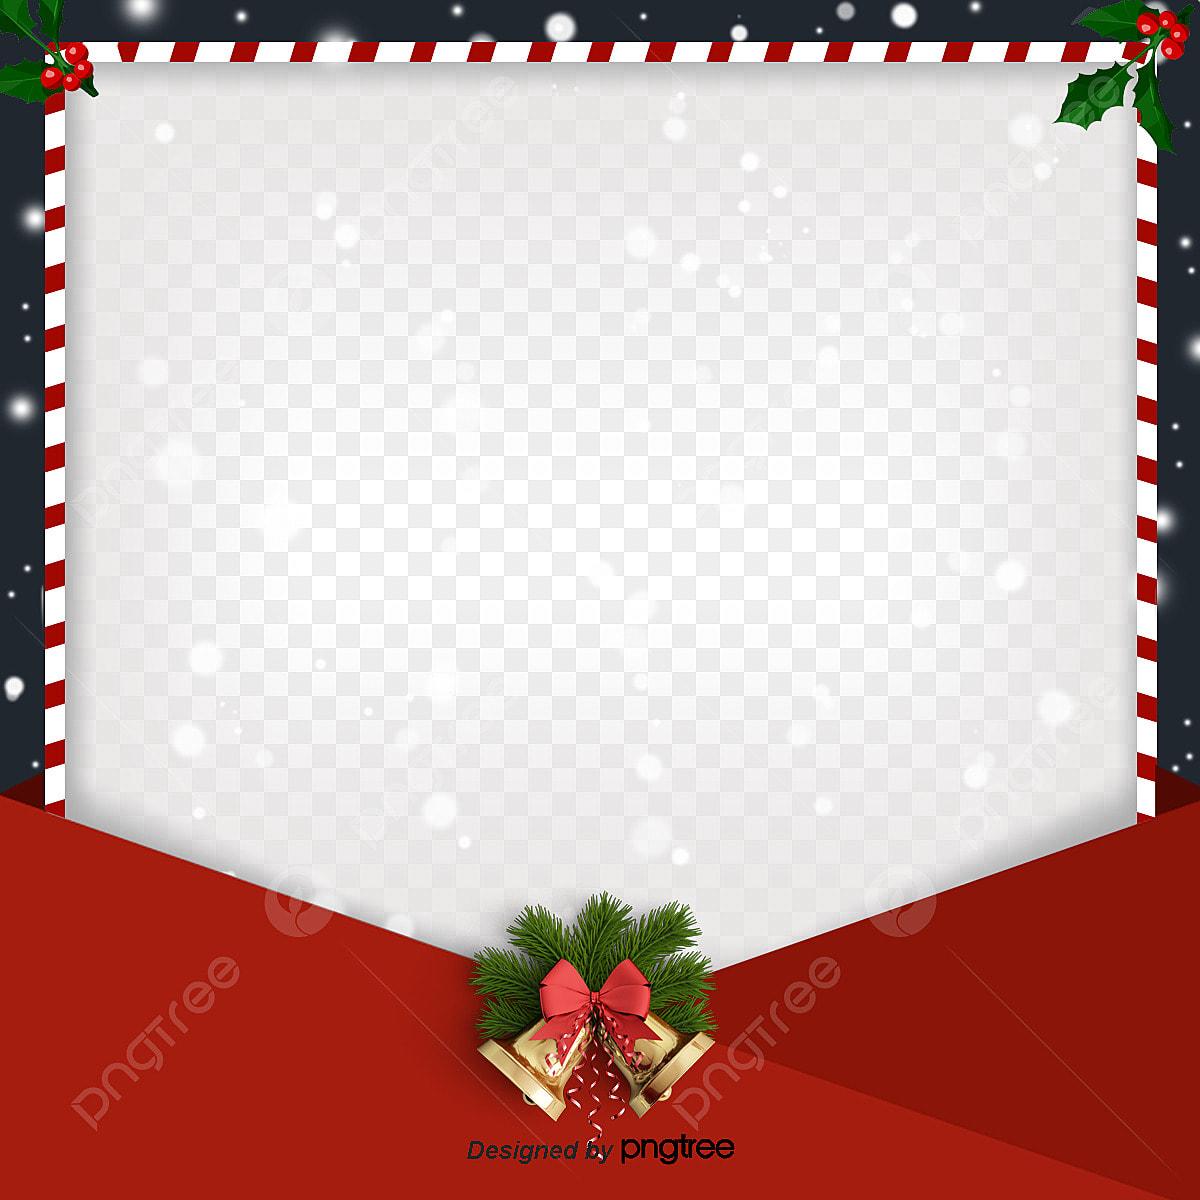 Christmas Greeting Cards Design.Red Retro Christmas Greeting Cards Design The Bow Tie The